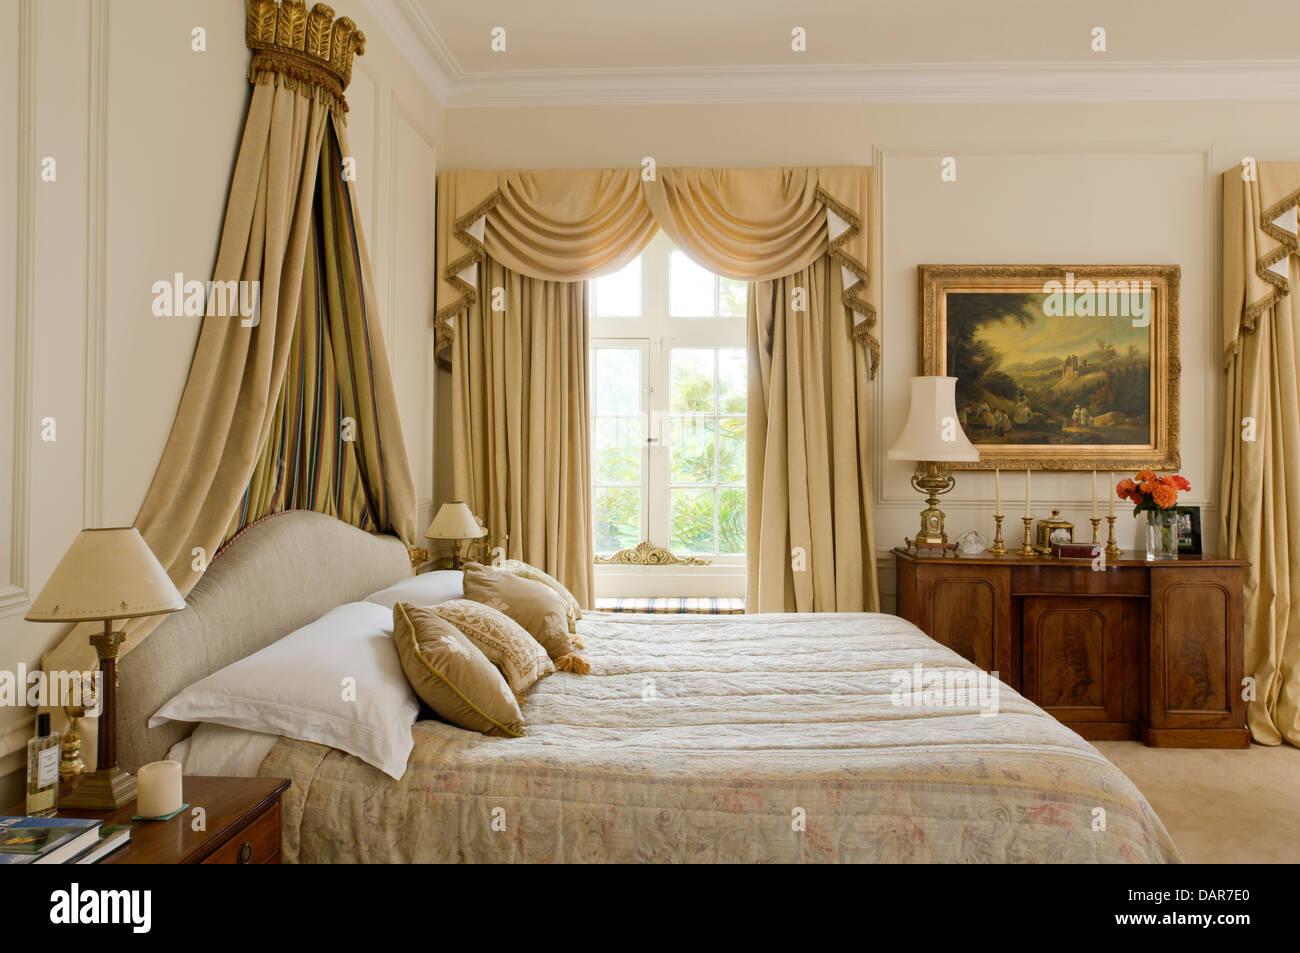 Bett Mit Vergoldeten Coronet In Schlafzimmer Mit Voller Länge   Schlafzimmer  Englisch